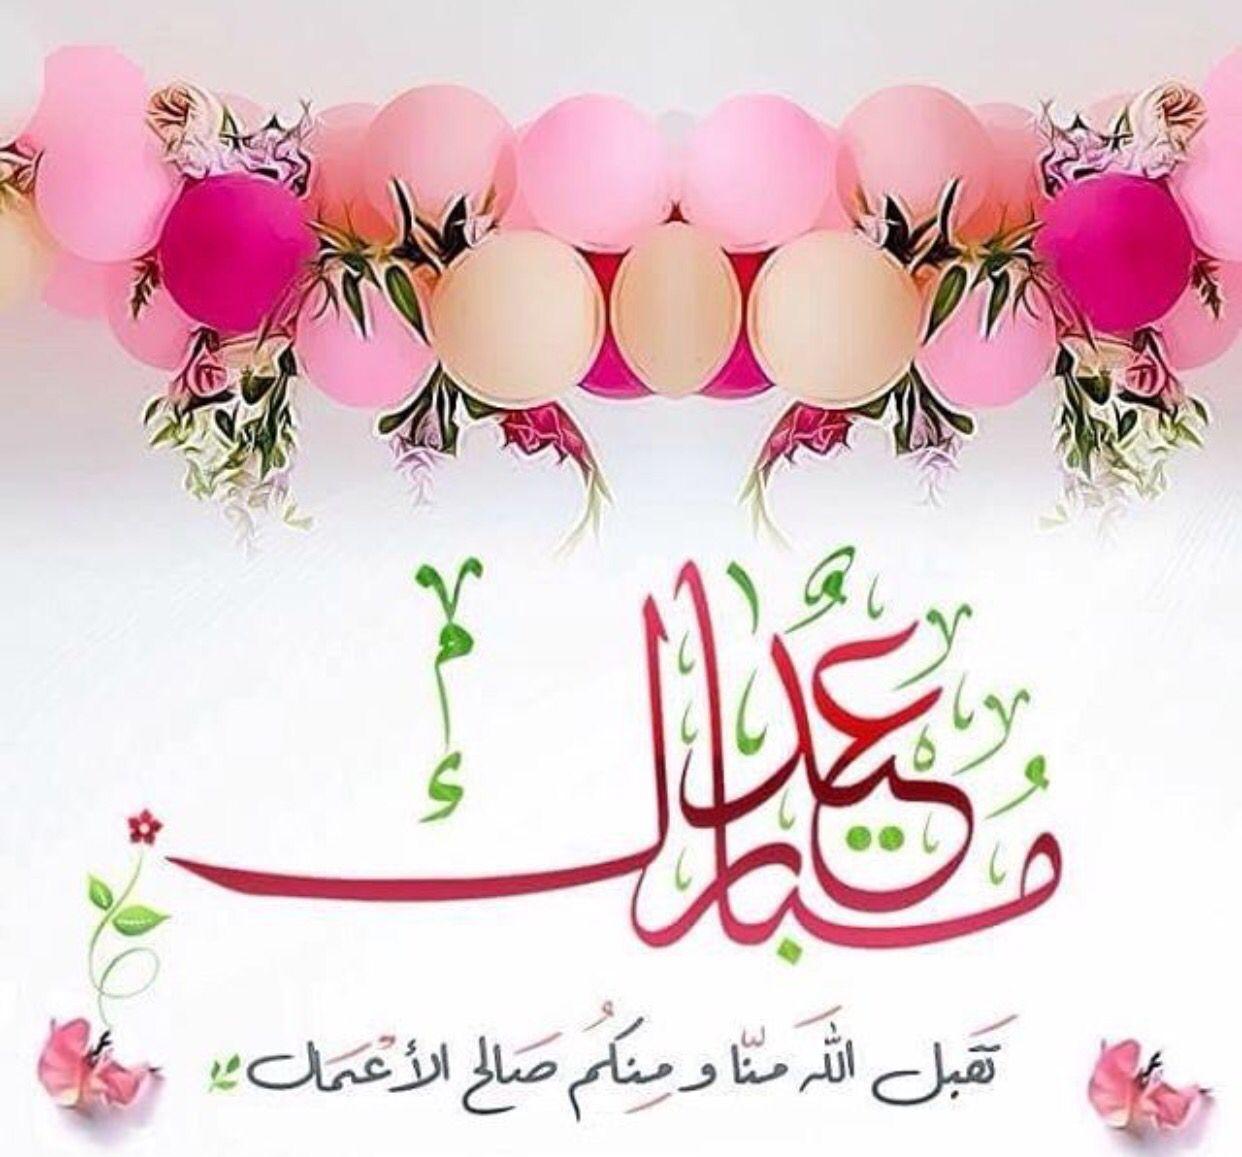 عيدكم مبارك Eid Images Eid Cards Happy Eid